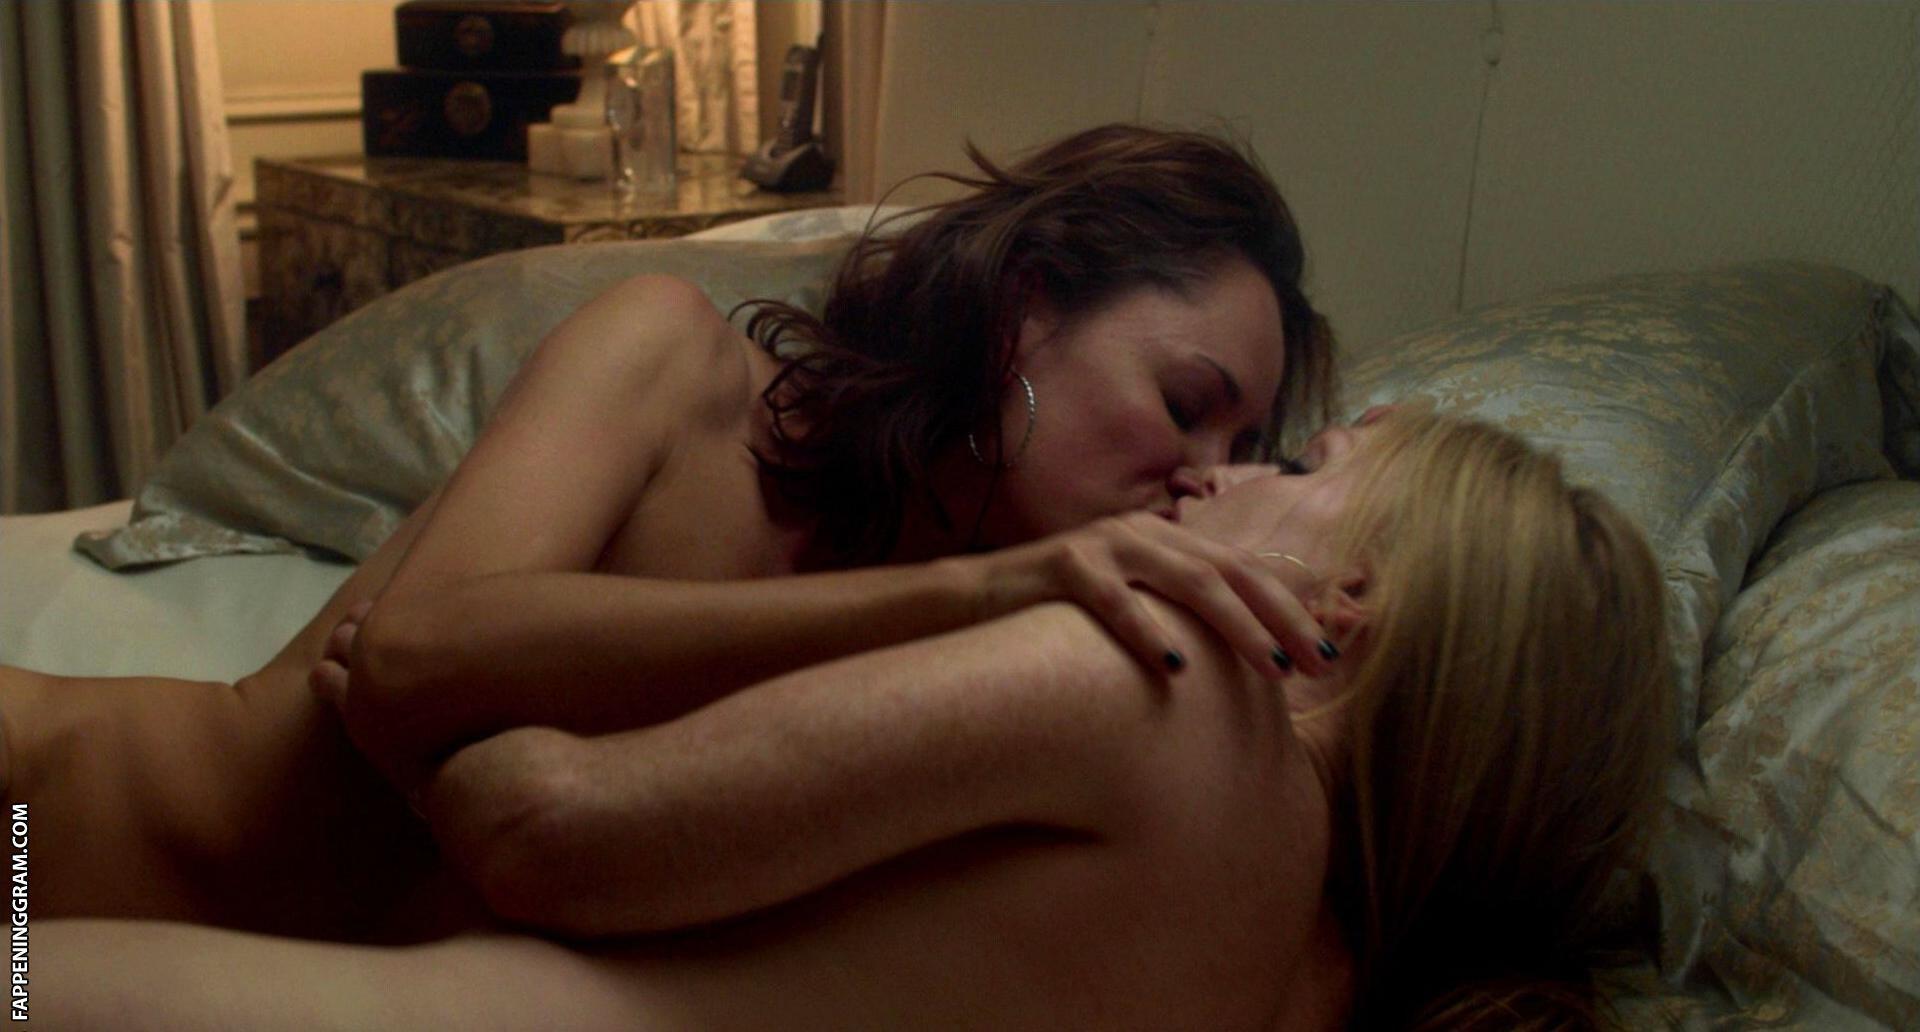 Jennifer williams porn pic